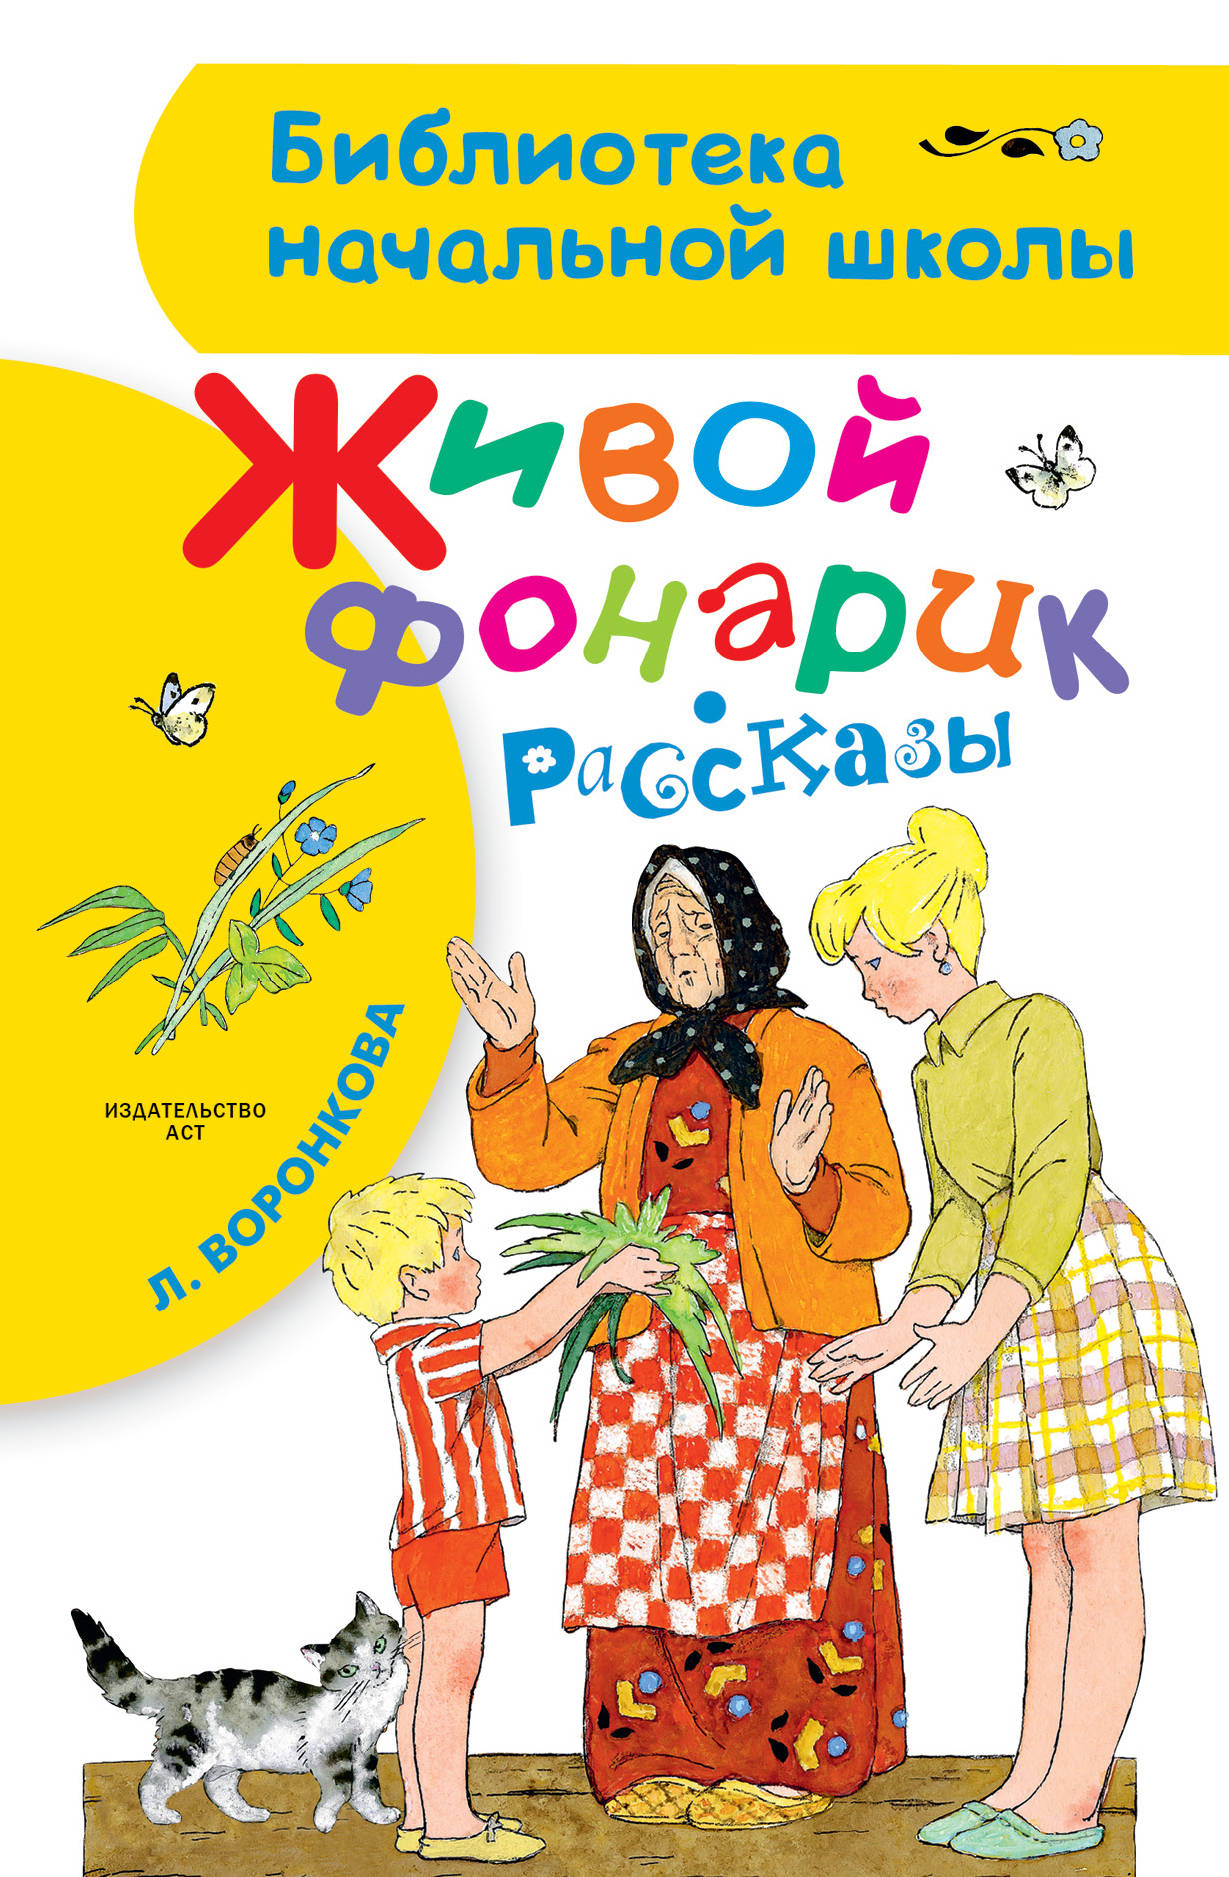 Читаем произведения Воронковой Л. Ф.